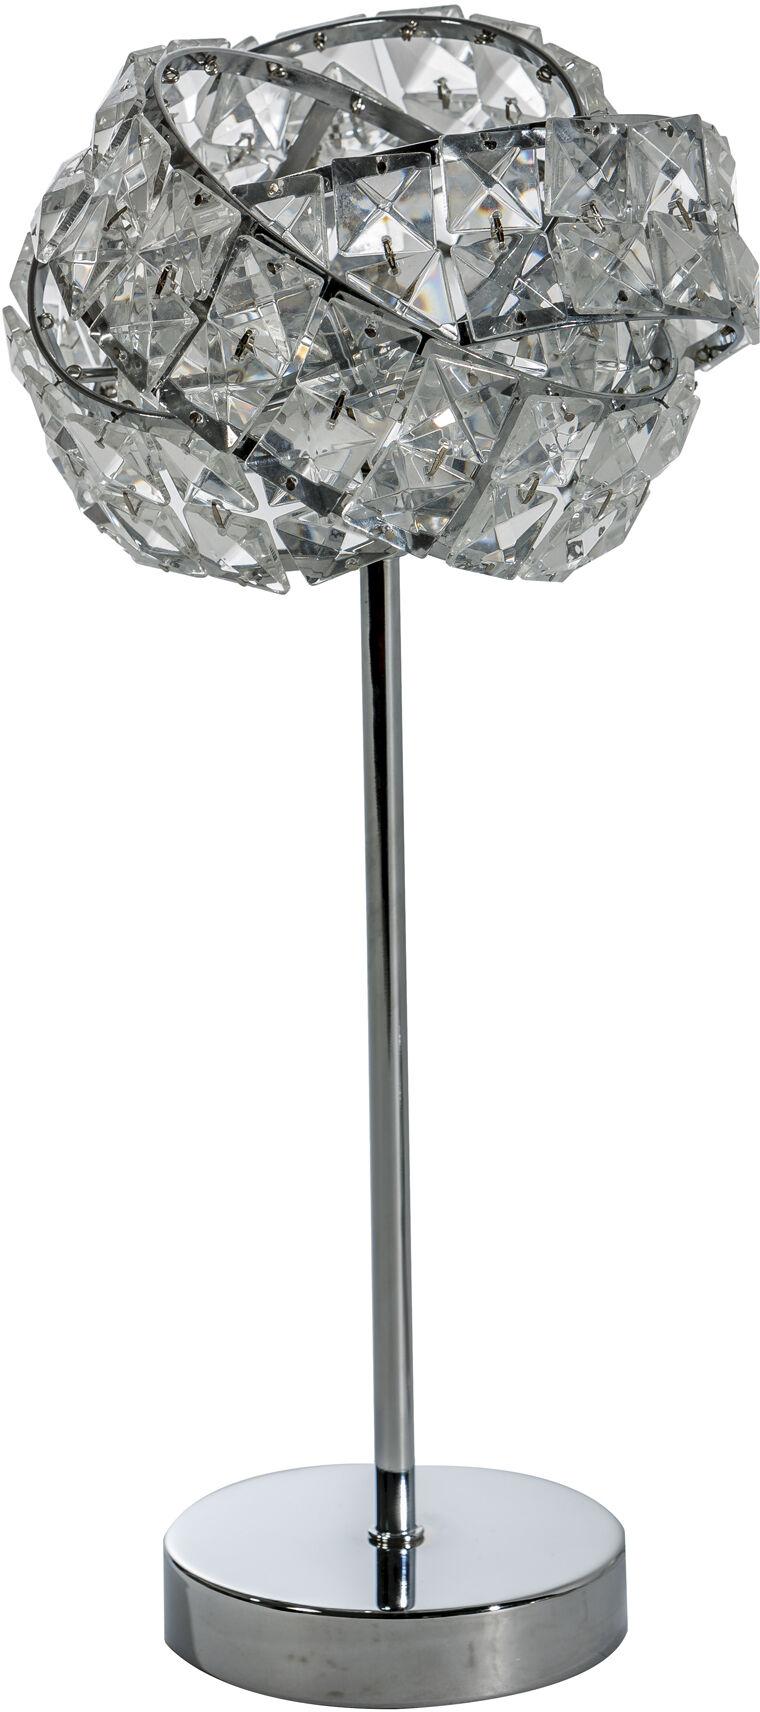 Lampa stołowa BARI AZ2106 - Azzardo   Napisz lub Zadzwoń  Otrzymasz kupon zniżkowy